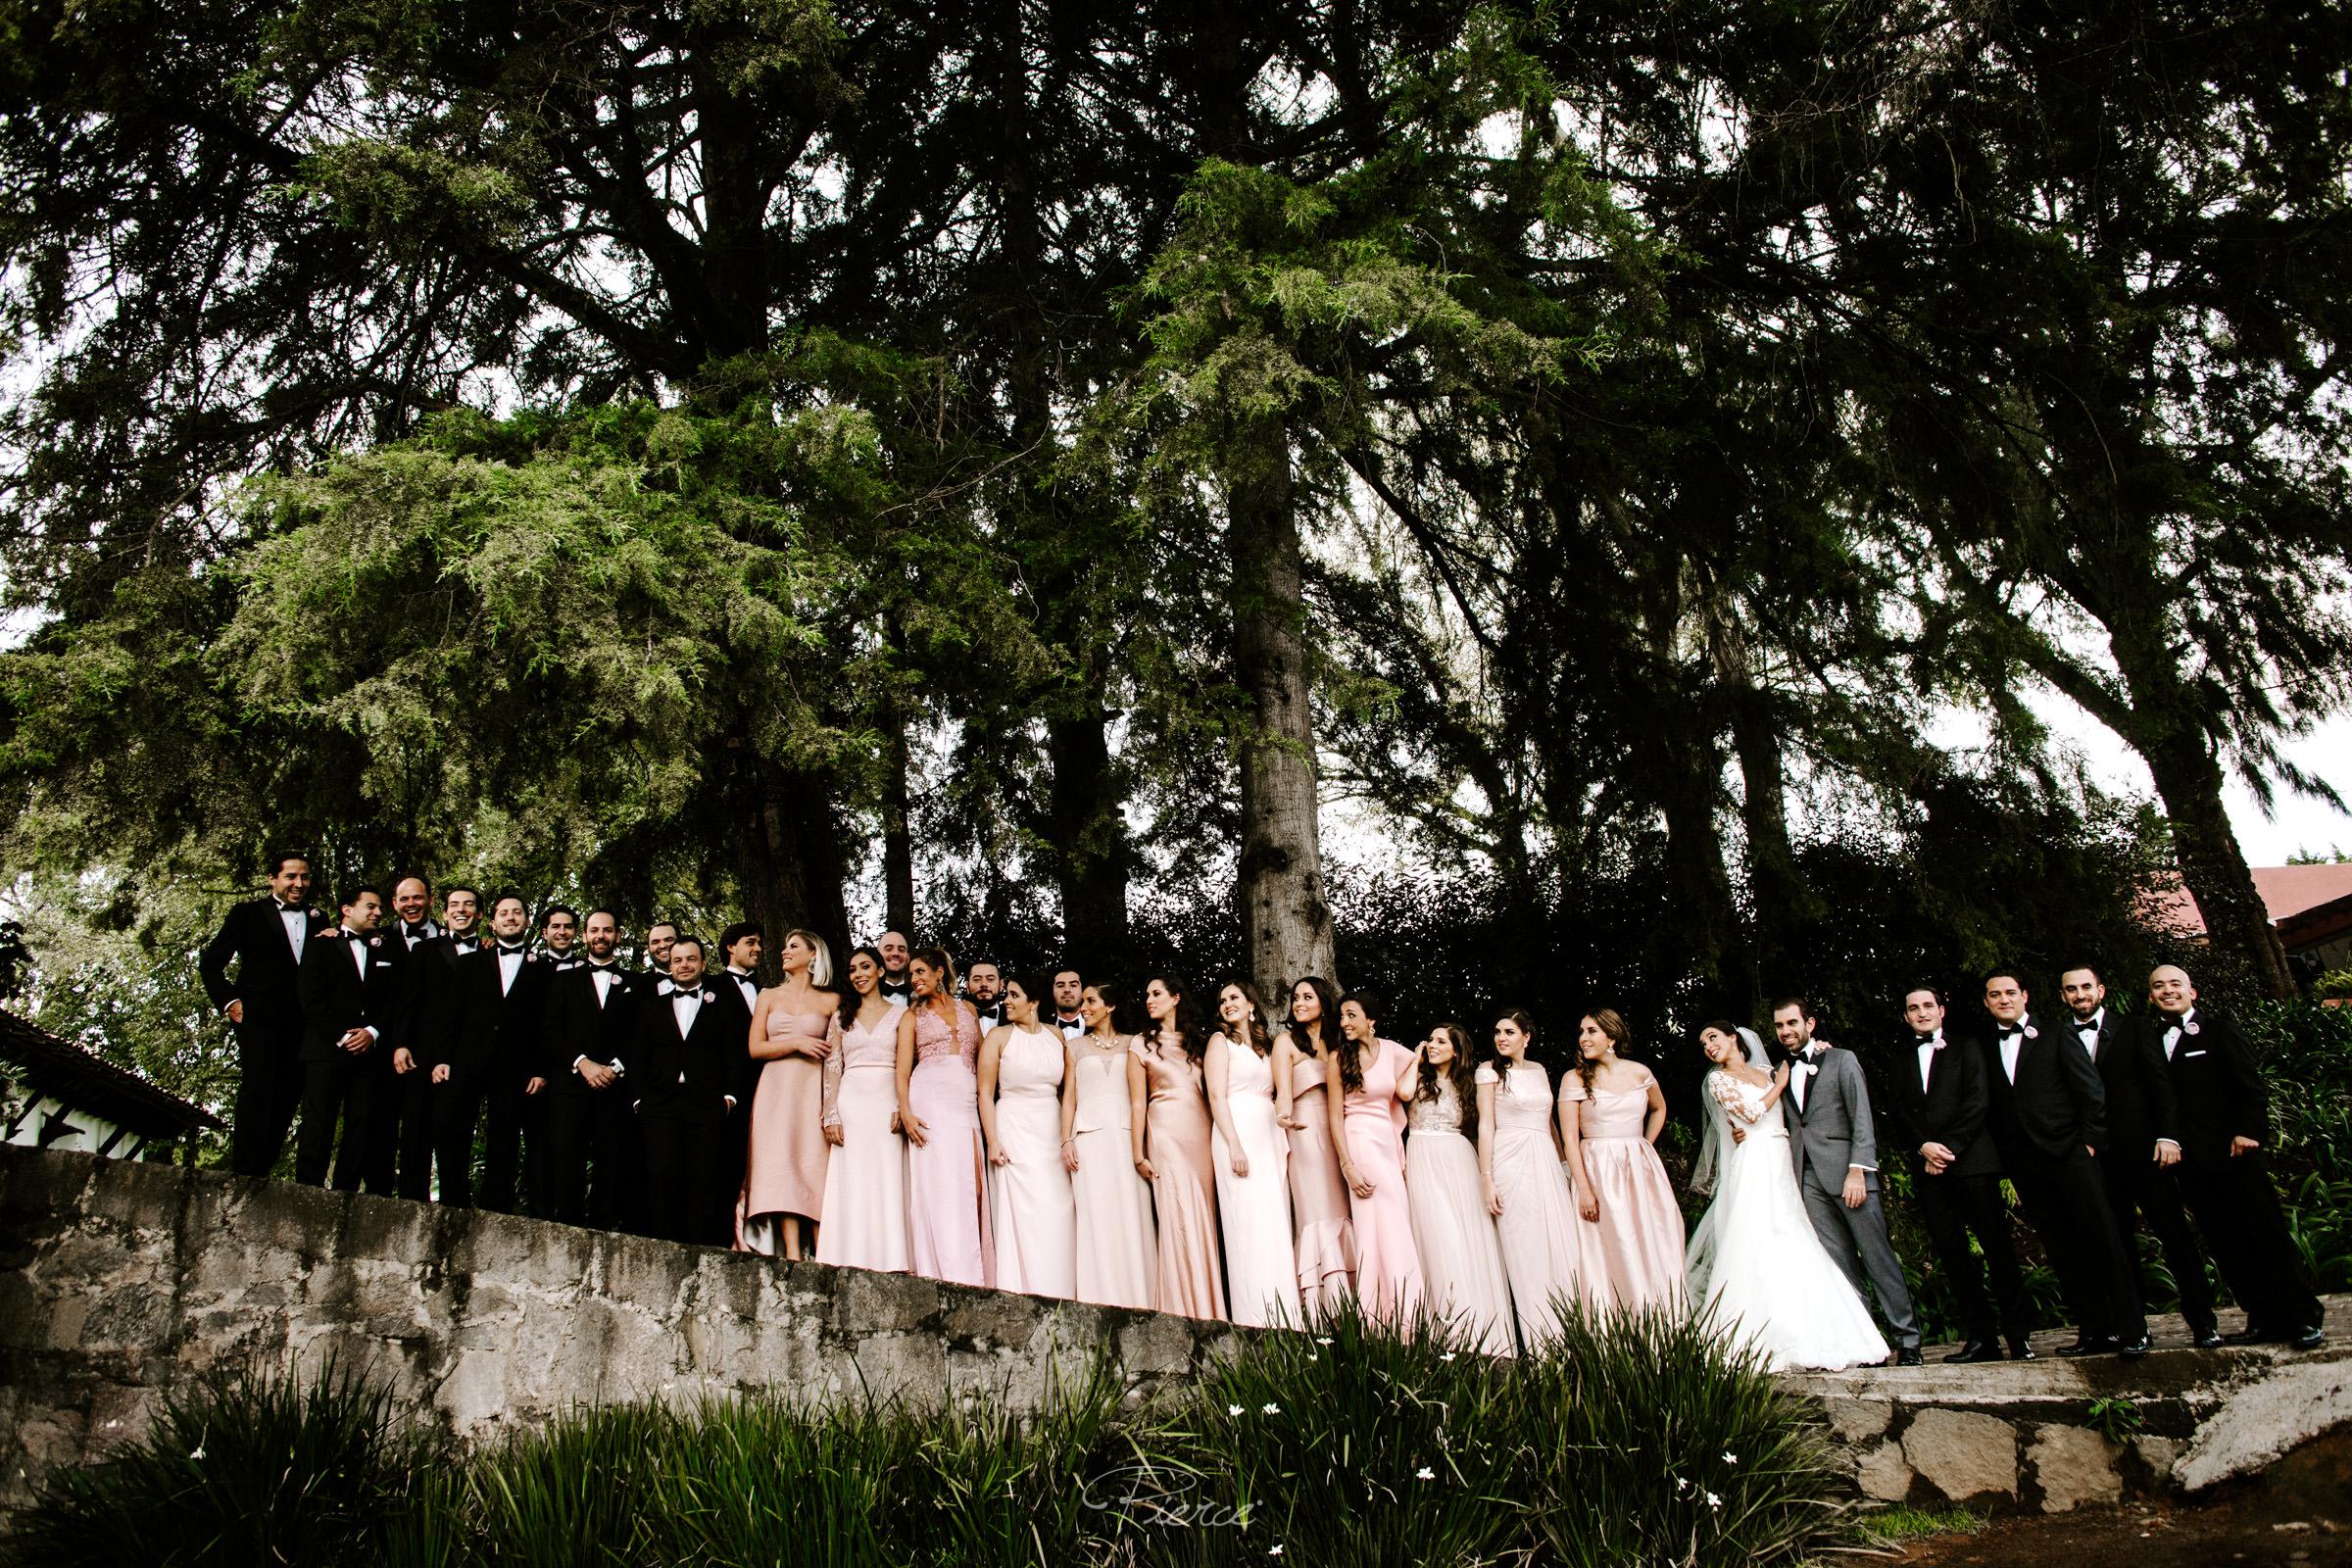 fotografia-de-boda-valle-de-bravo-mexico-rosmarino-pierce-weddings-0064.JPG